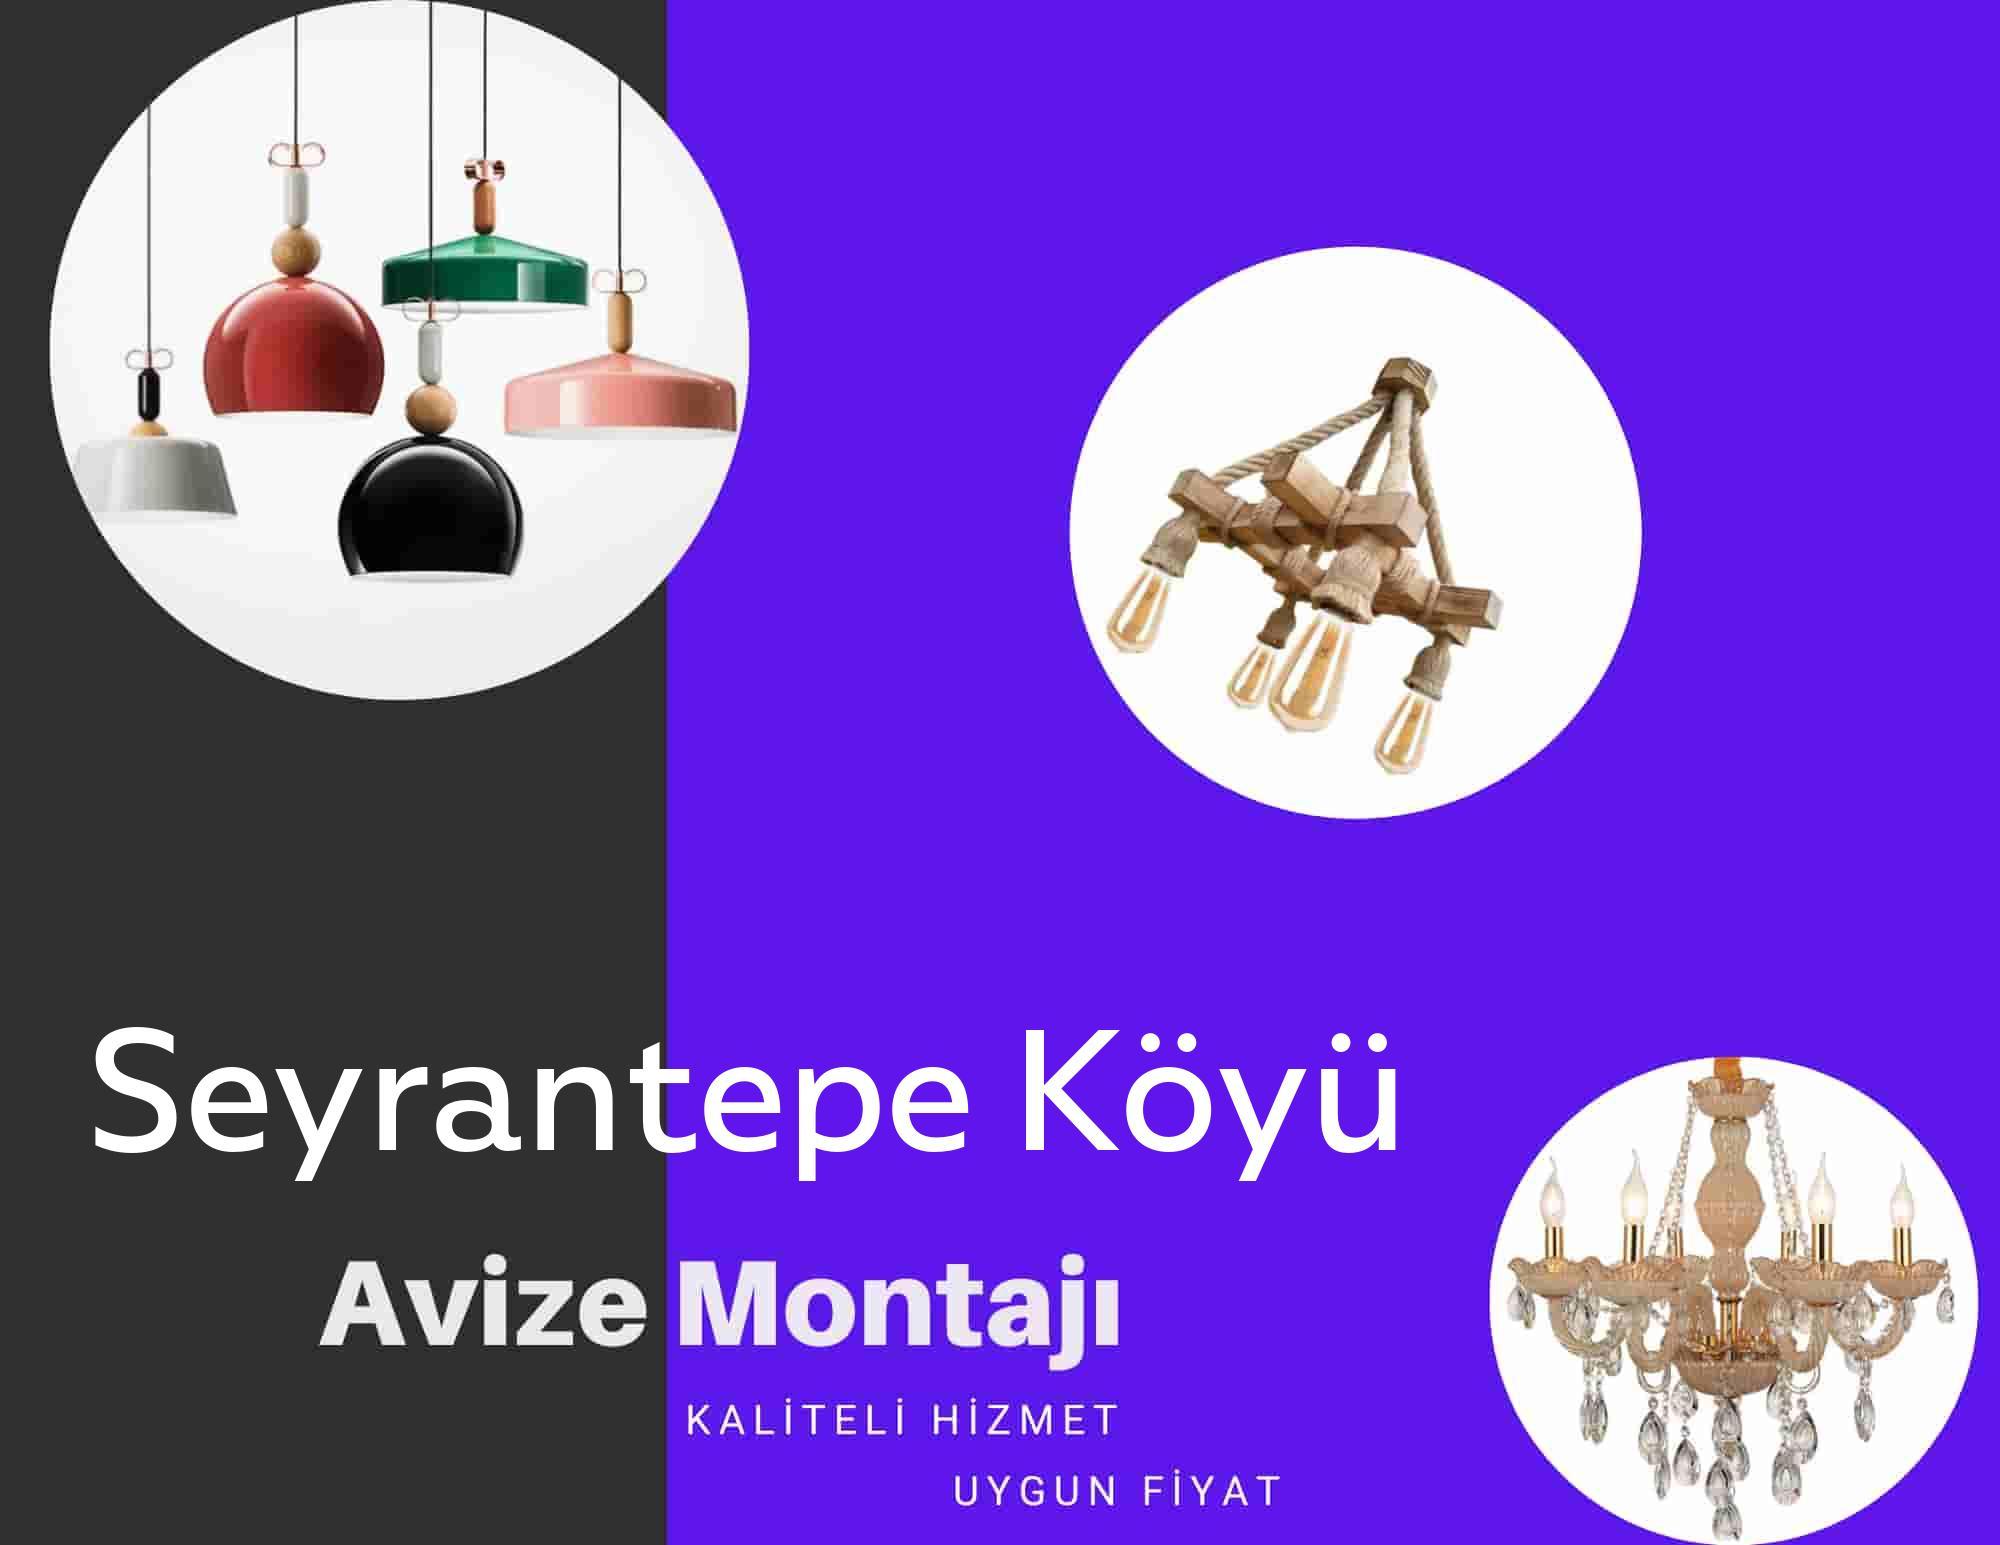 Seyrantepe Köyüde avize montajı yapan yerler arıyorsanız elektrikcicagir anında size profesyonel avize montajı ustasını yönlendirir.